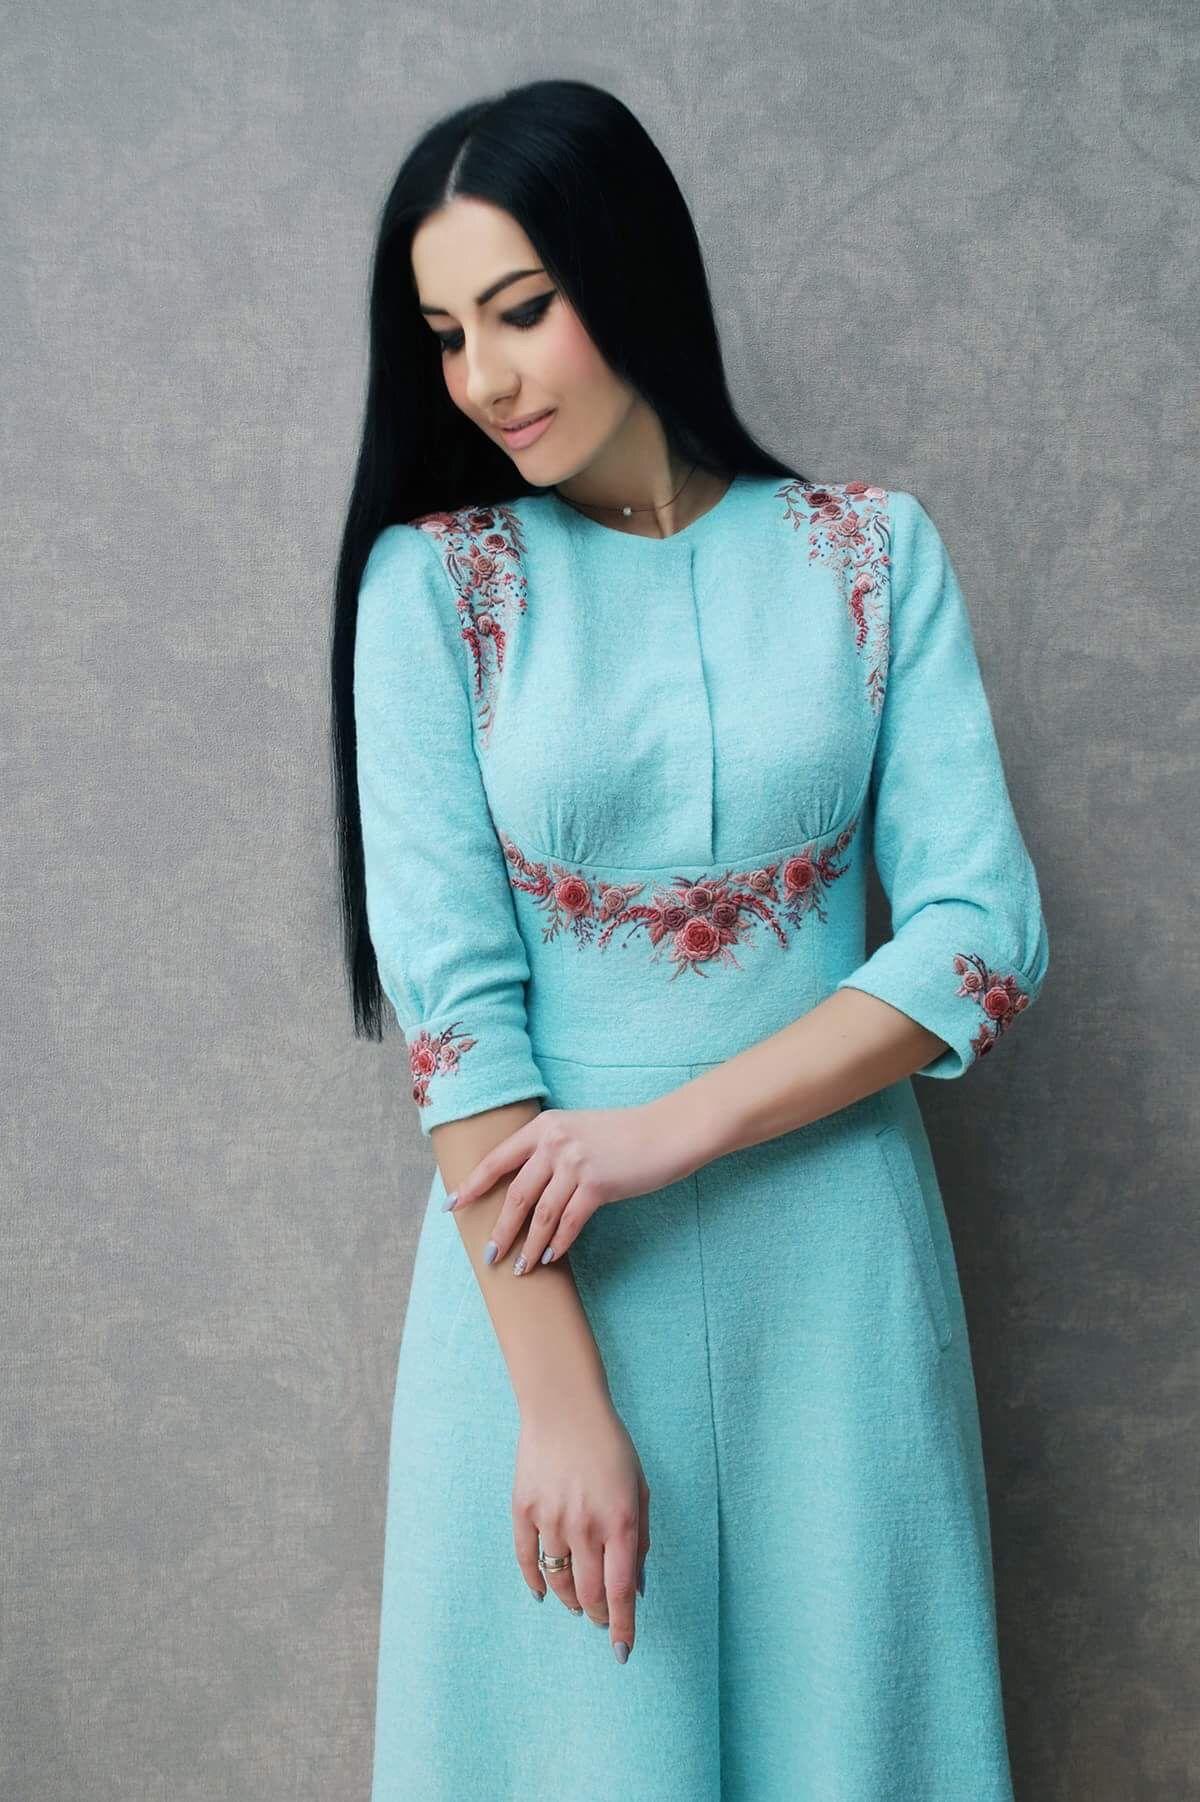 Pin by Ирина Олоничева on Вышивка | Pinterest | Ladies suits ...